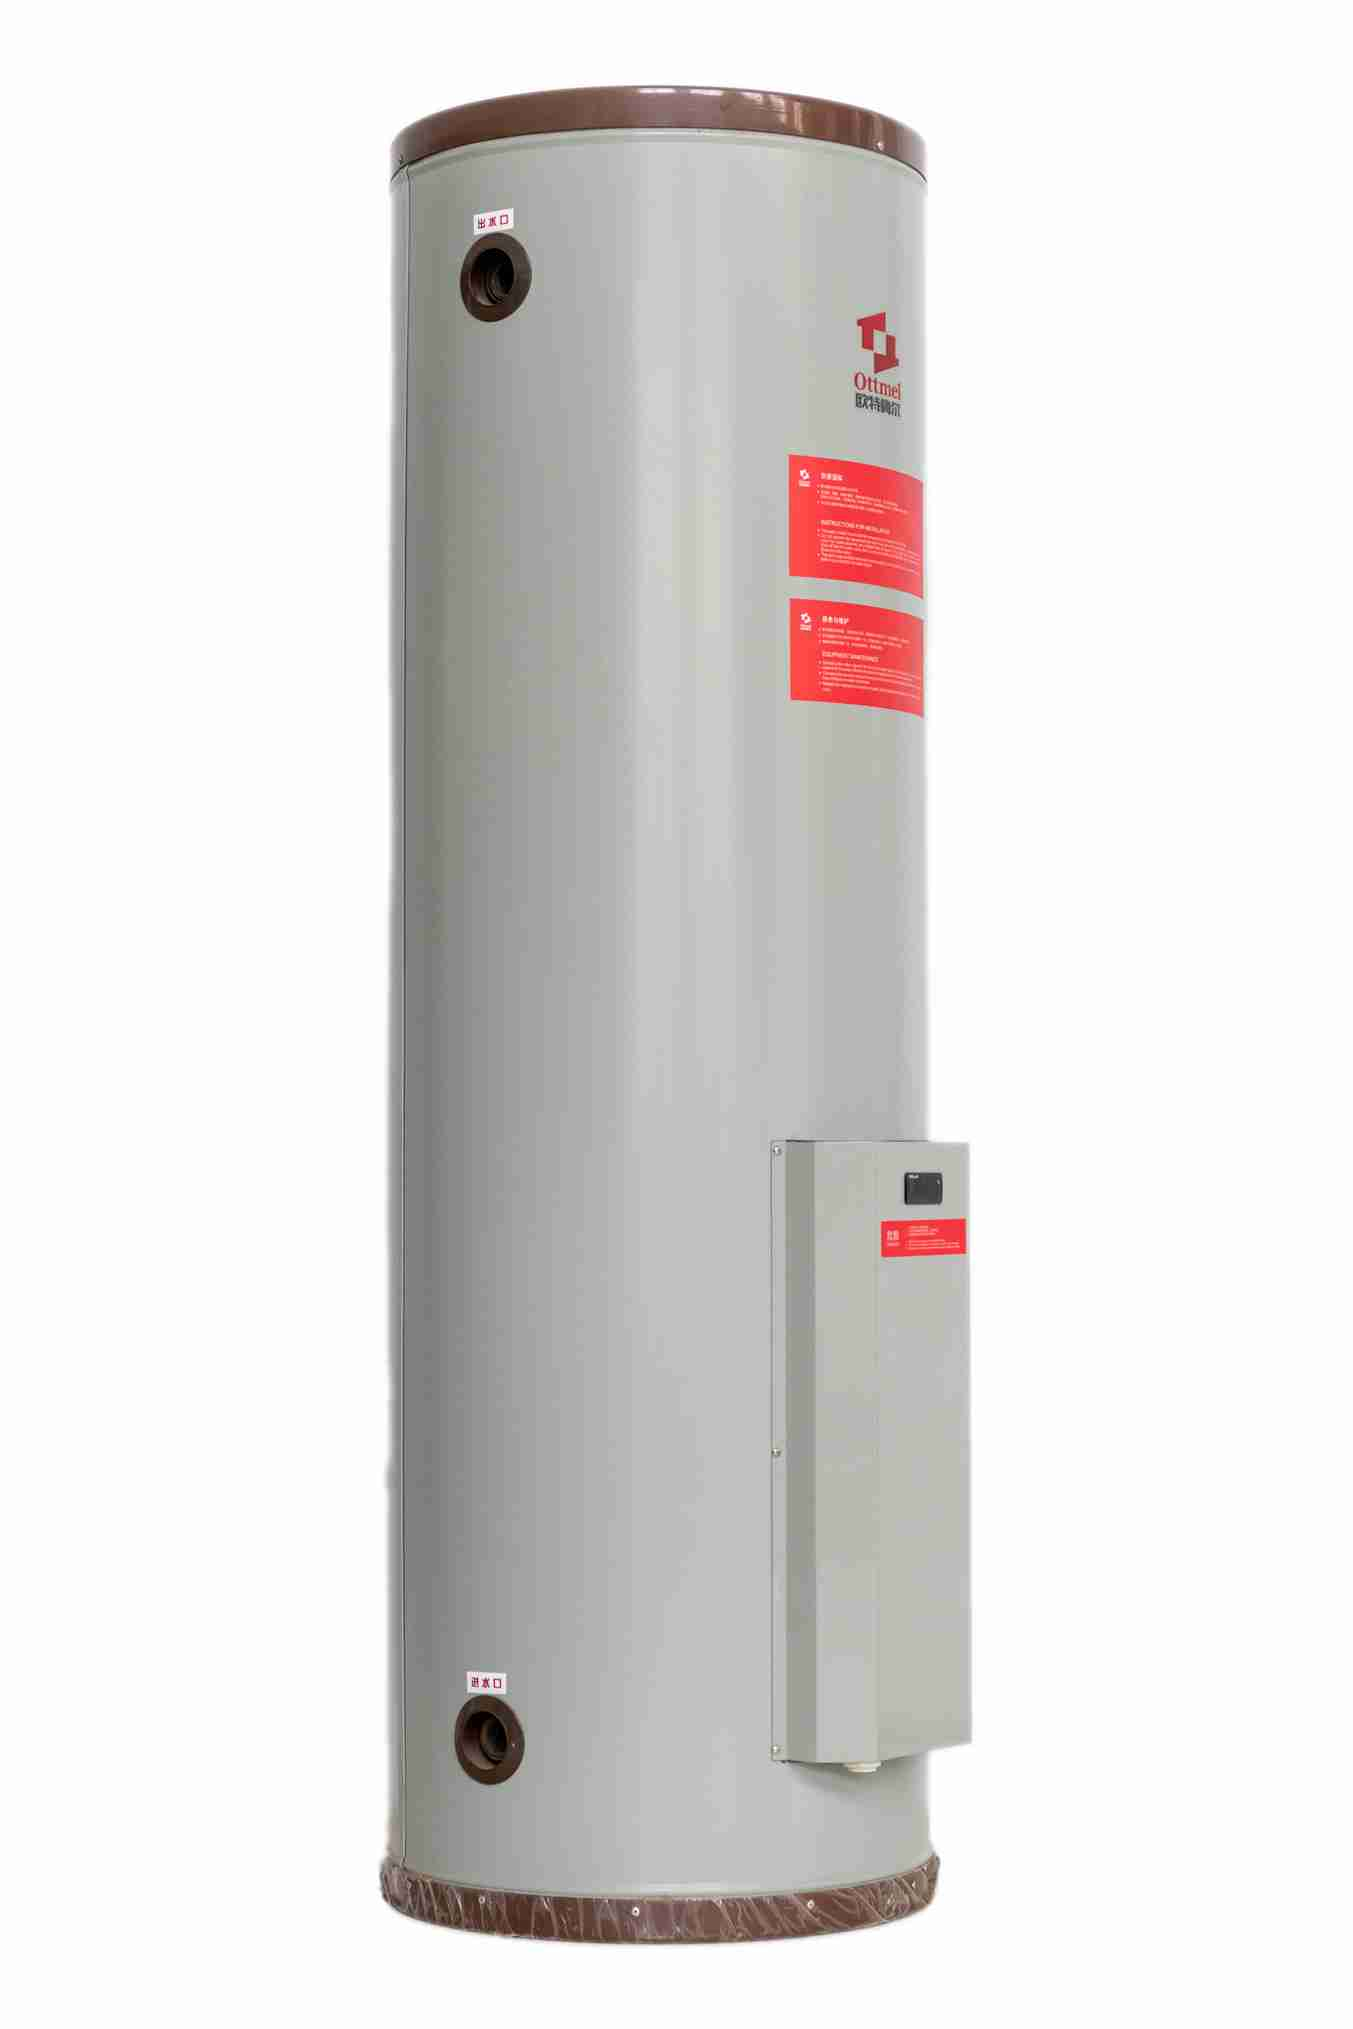 智能容積式熱水器生產廠商 歐特梅爾新能源供應